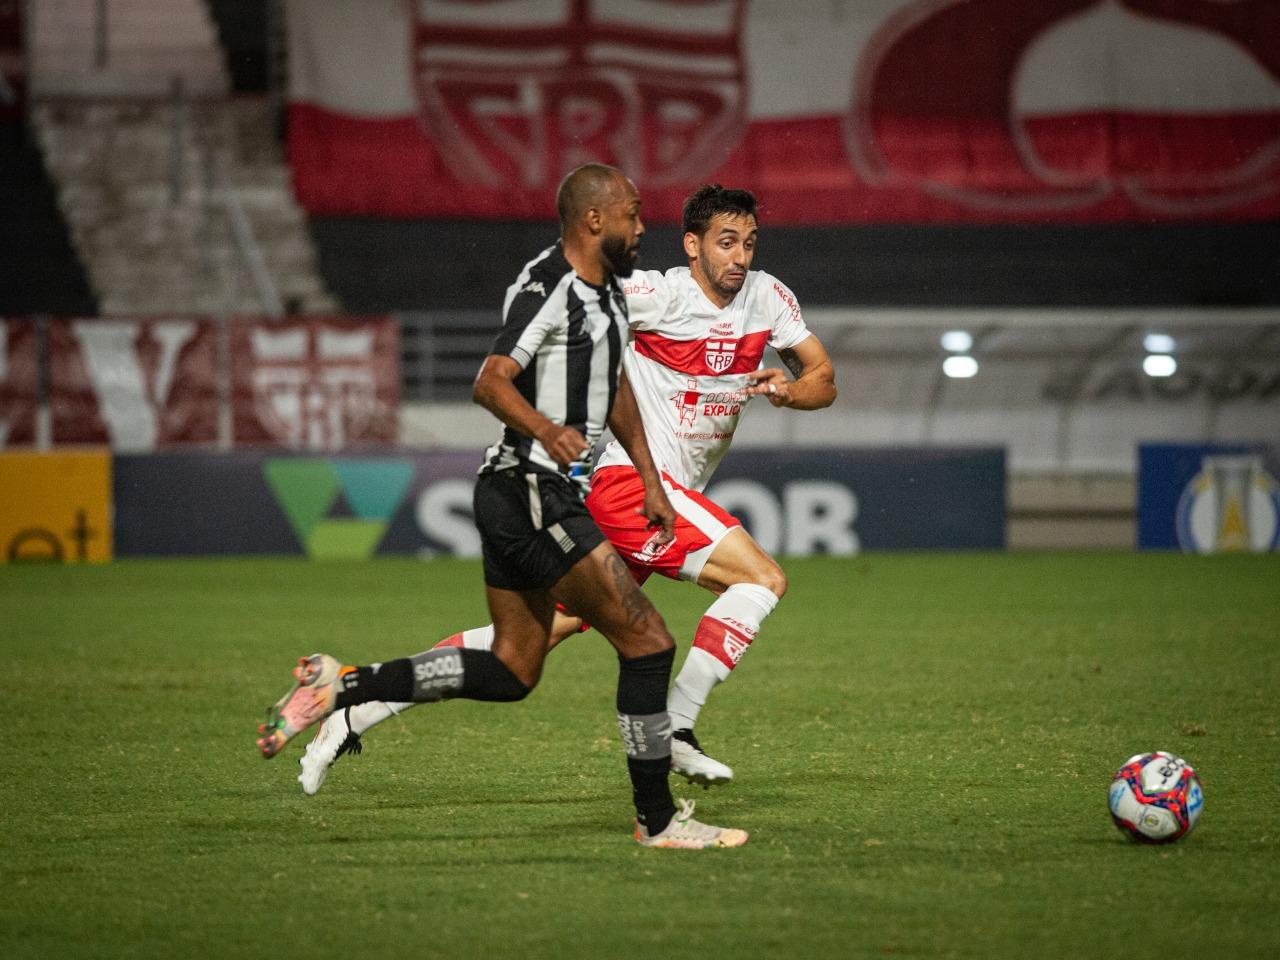 Chay em ação pelo Botafogo contra o CRB pela Série B